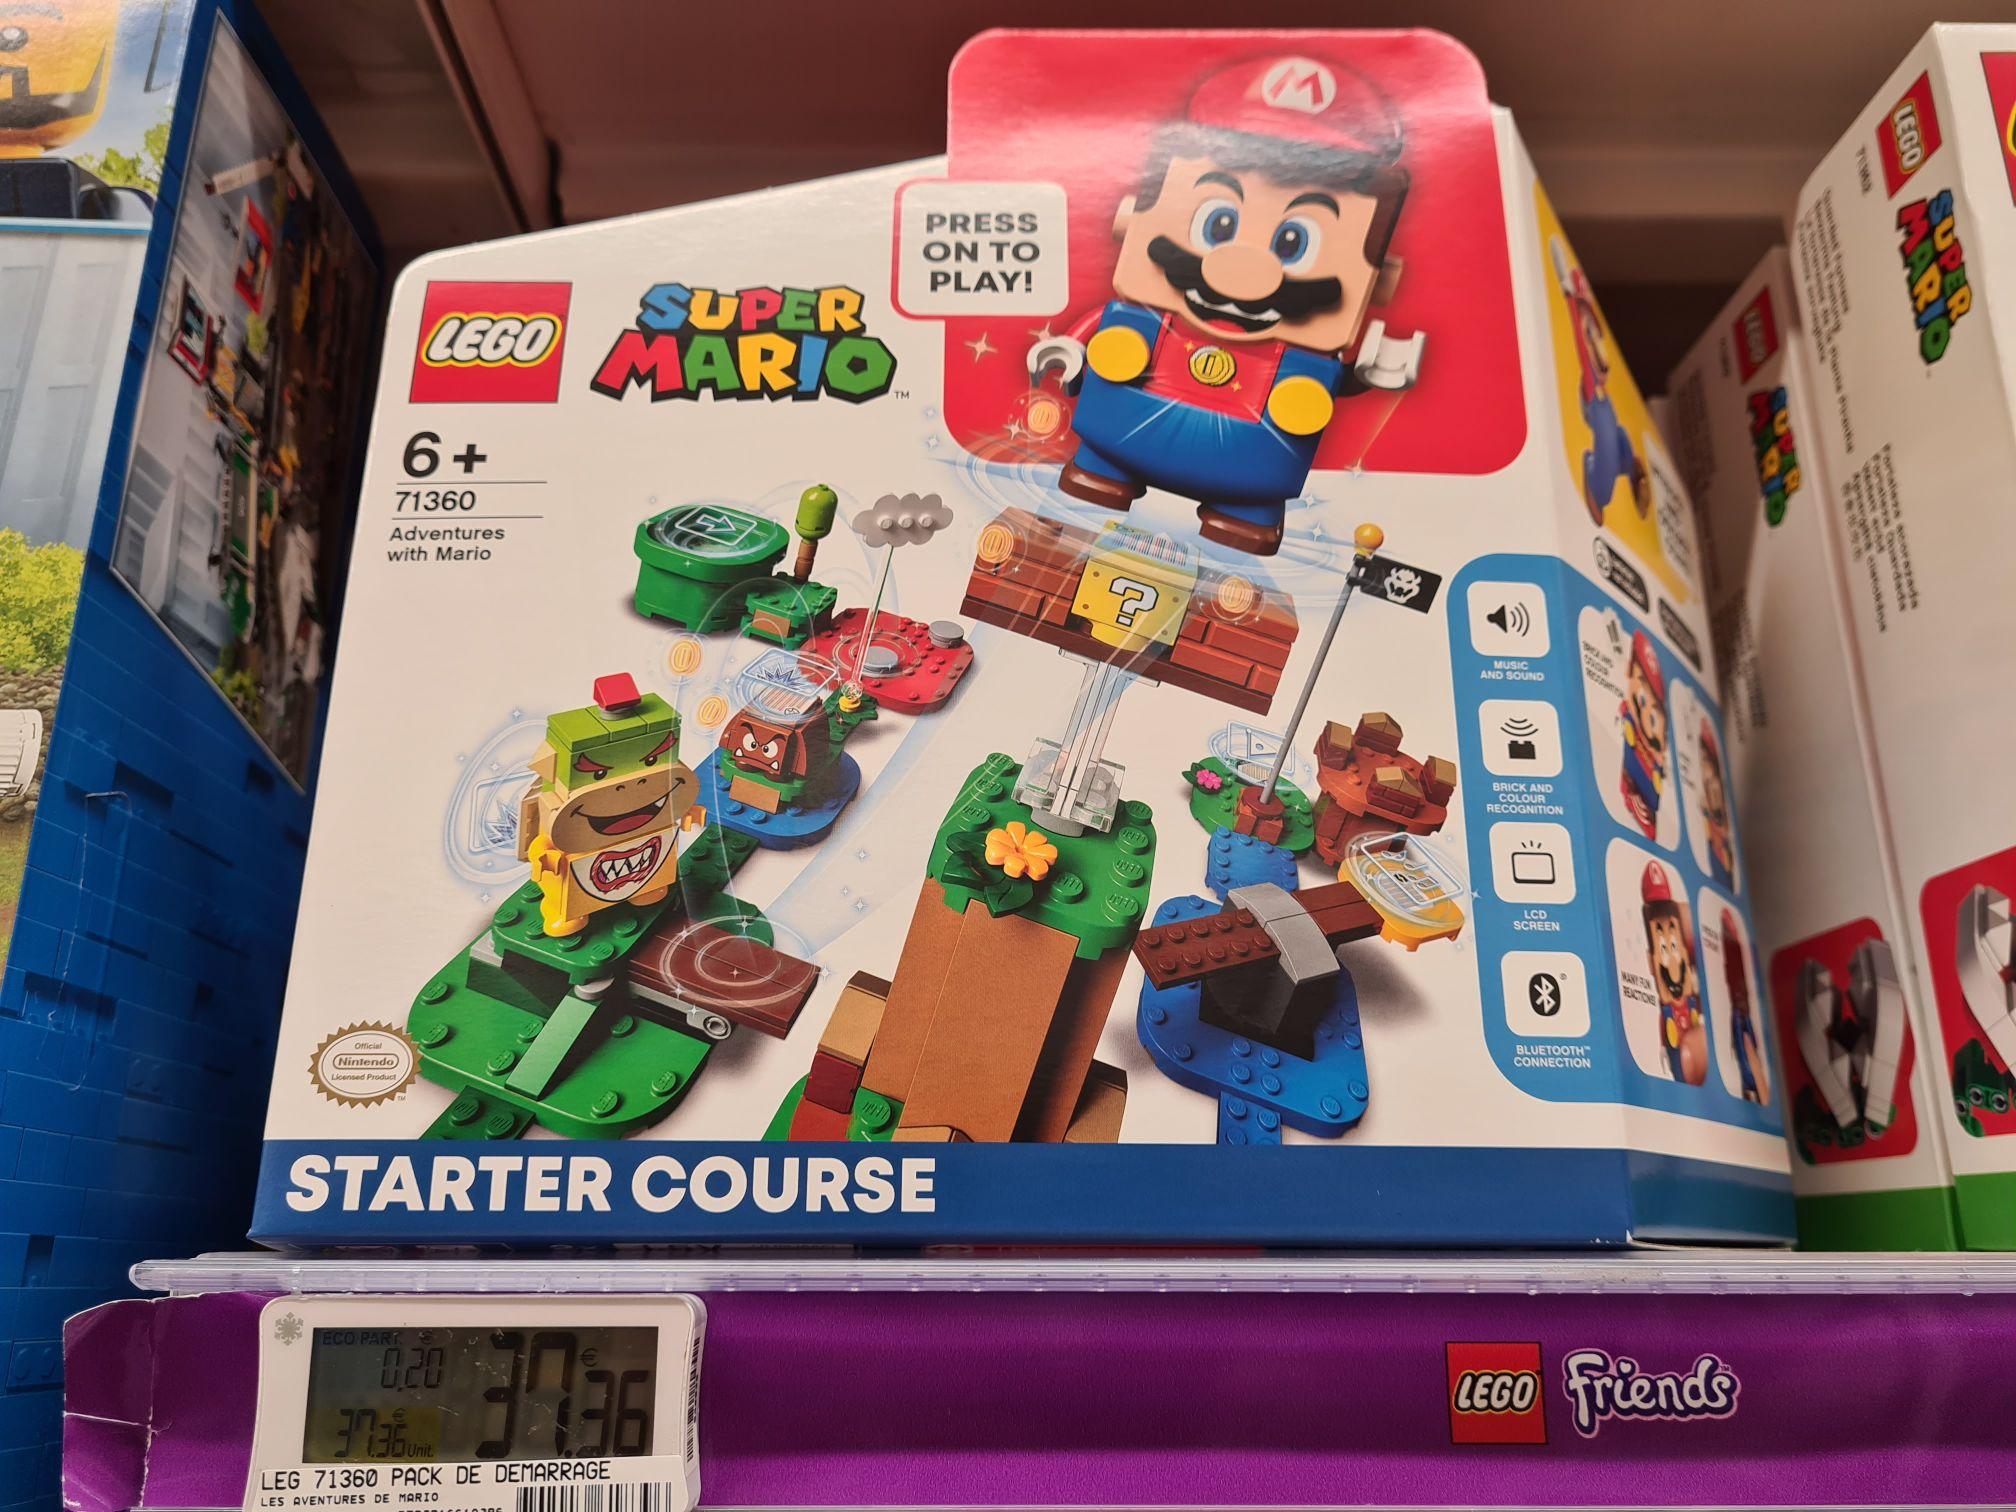 Jouet Lego Super Mario Starter Course - Aubiere Plein Sud (63)